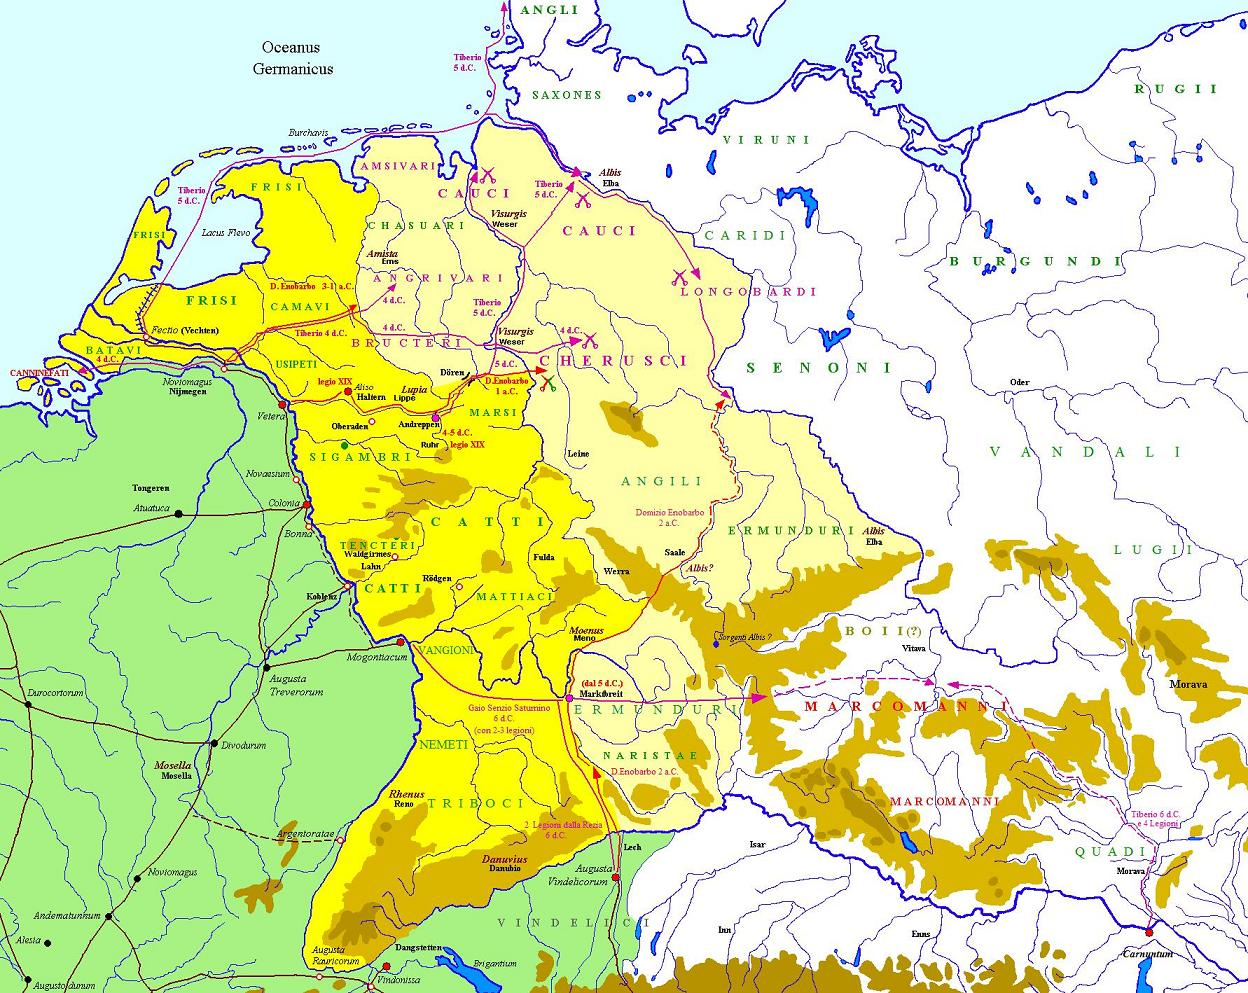 Lucius domitius ahenobarbus consul en 16 wikip dia for Consul wikipedia